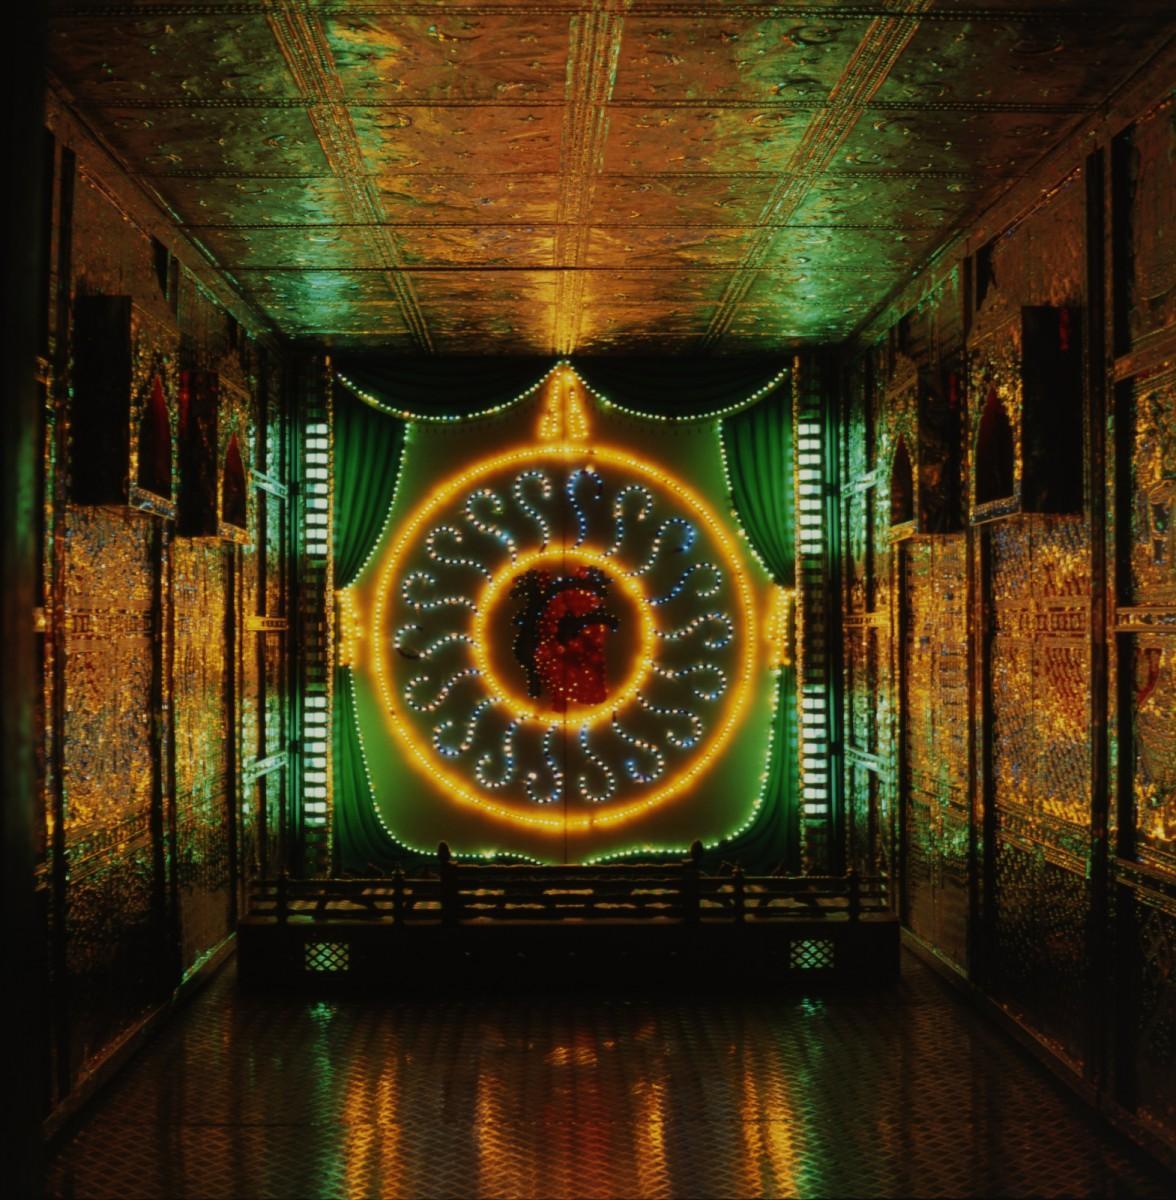 ドゥリヤ・カージー、デイヴィッド・エルスワース、イフティハール・ダーディー、エリザベス・ダーディー[パキスタン]《ハート・マハル》1996年、福岡アジア美術館蔵 Durriya Kazi, David Alesworth, Iftikhar Dadi, and Elizabeth Dadi(Pakistan) Heart Mahal, 1996, Collection of Fukuoka Asian Art Museum